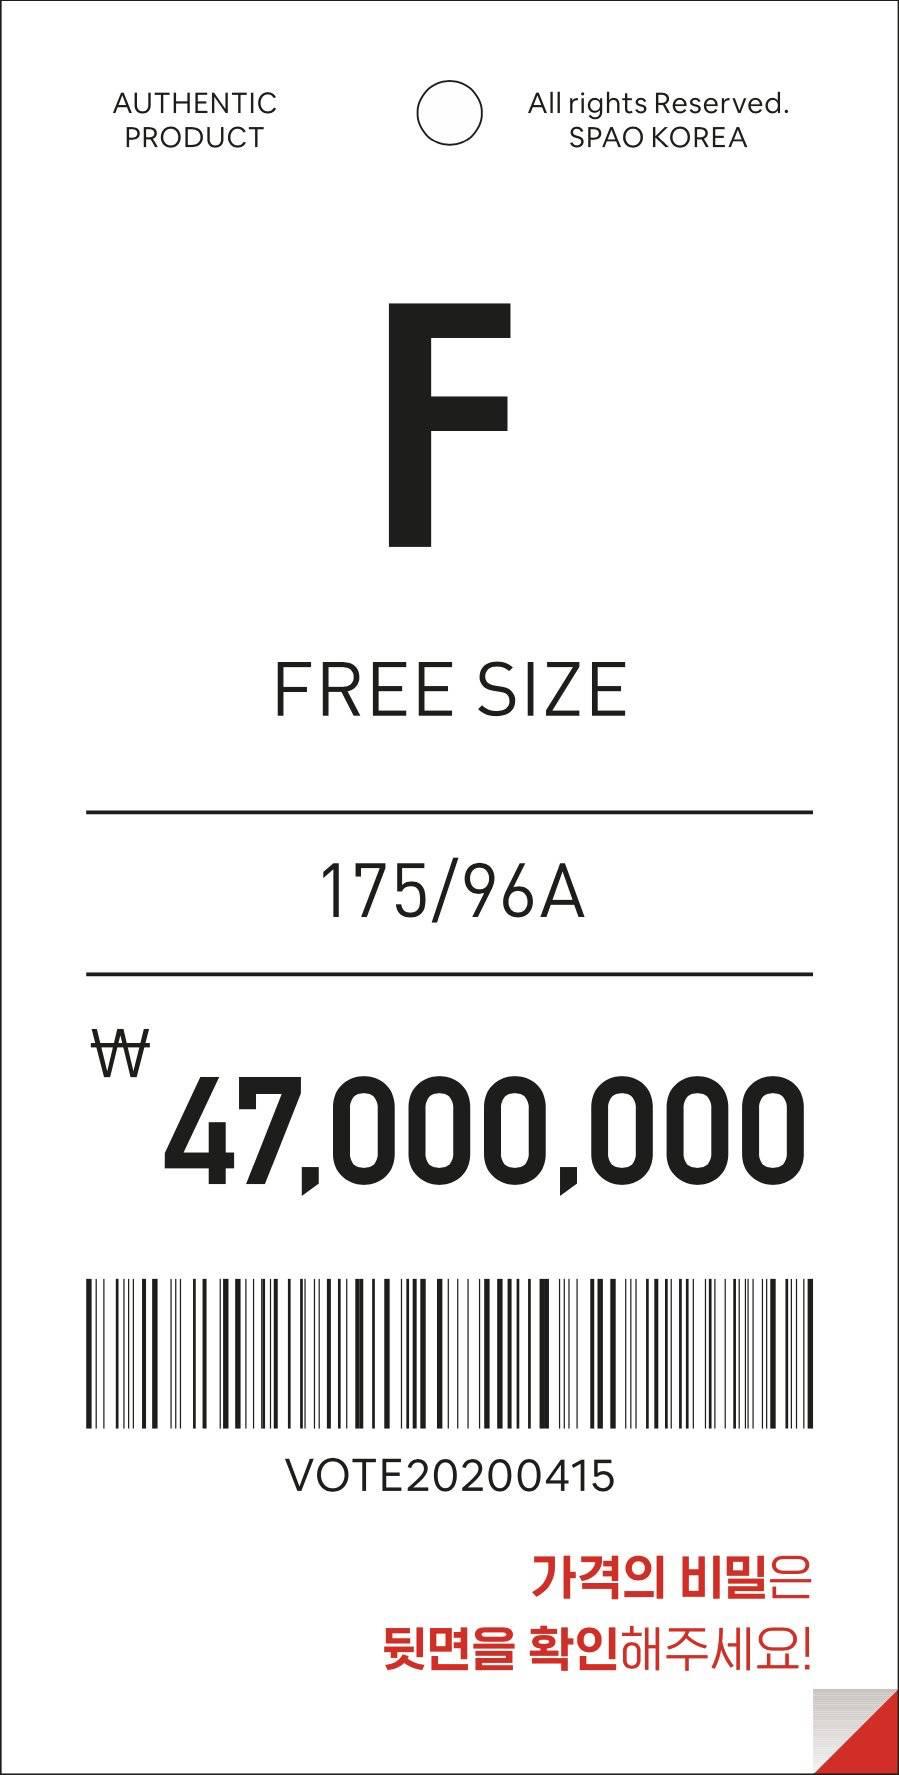 4,700만원어치 가치 | 인스티즈